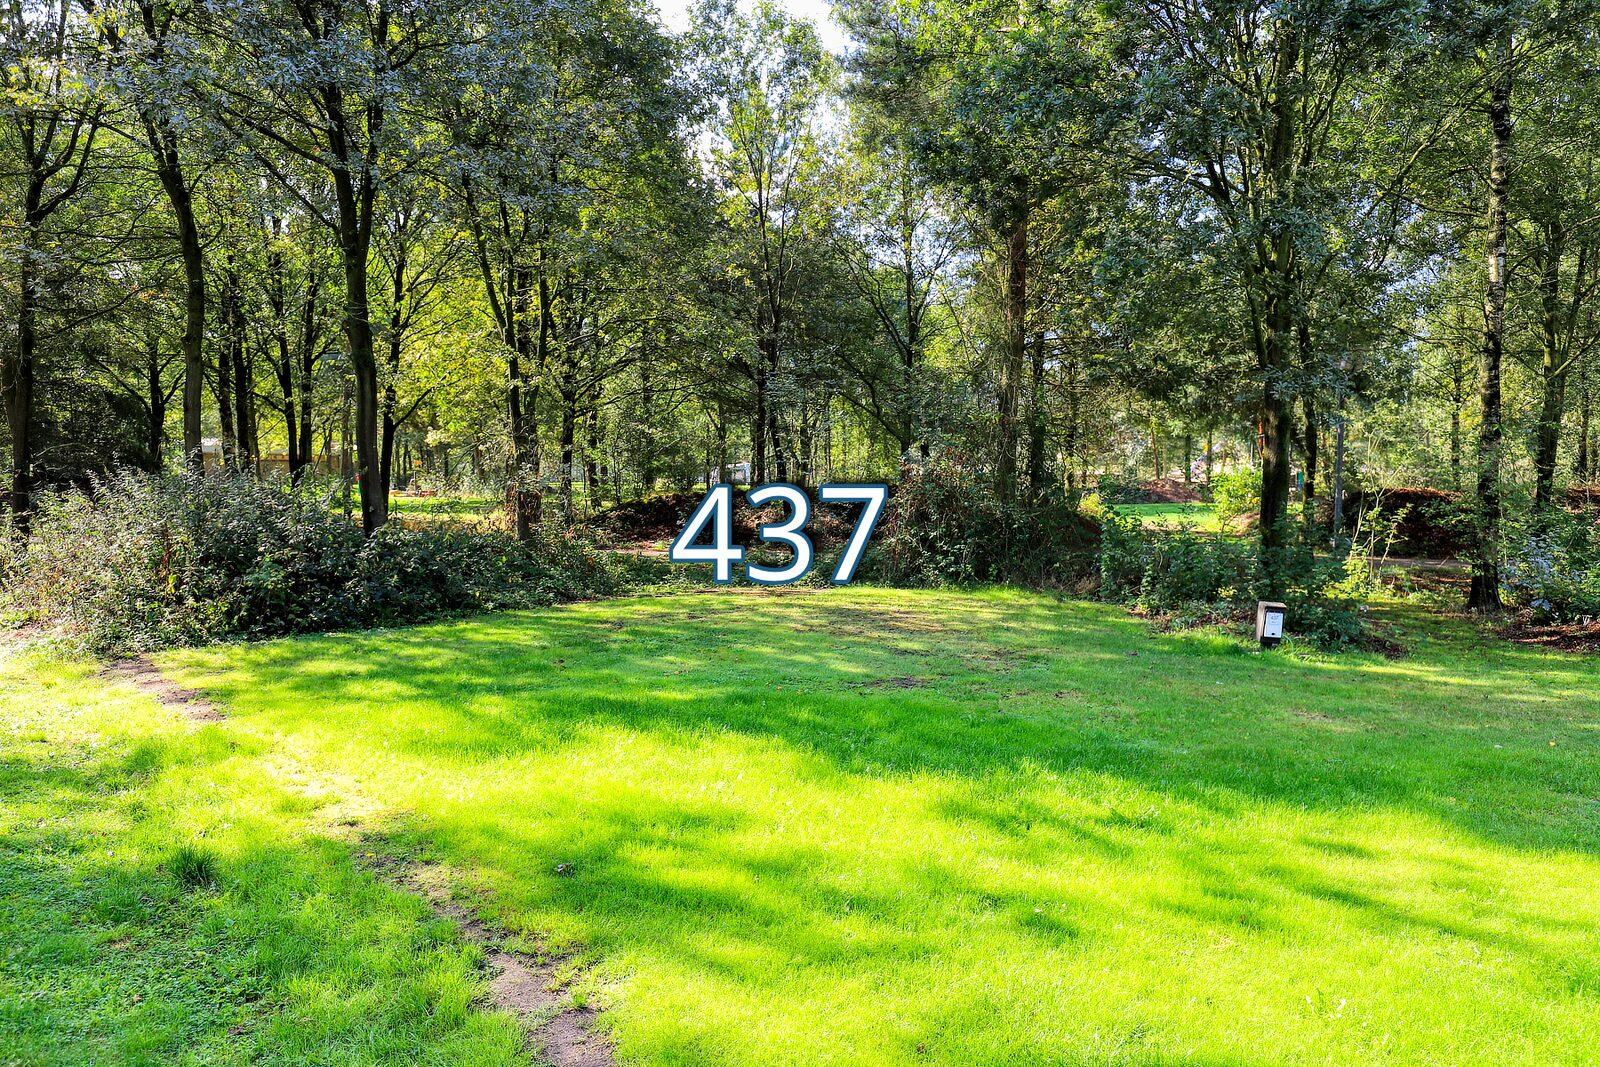 meemsveld 437